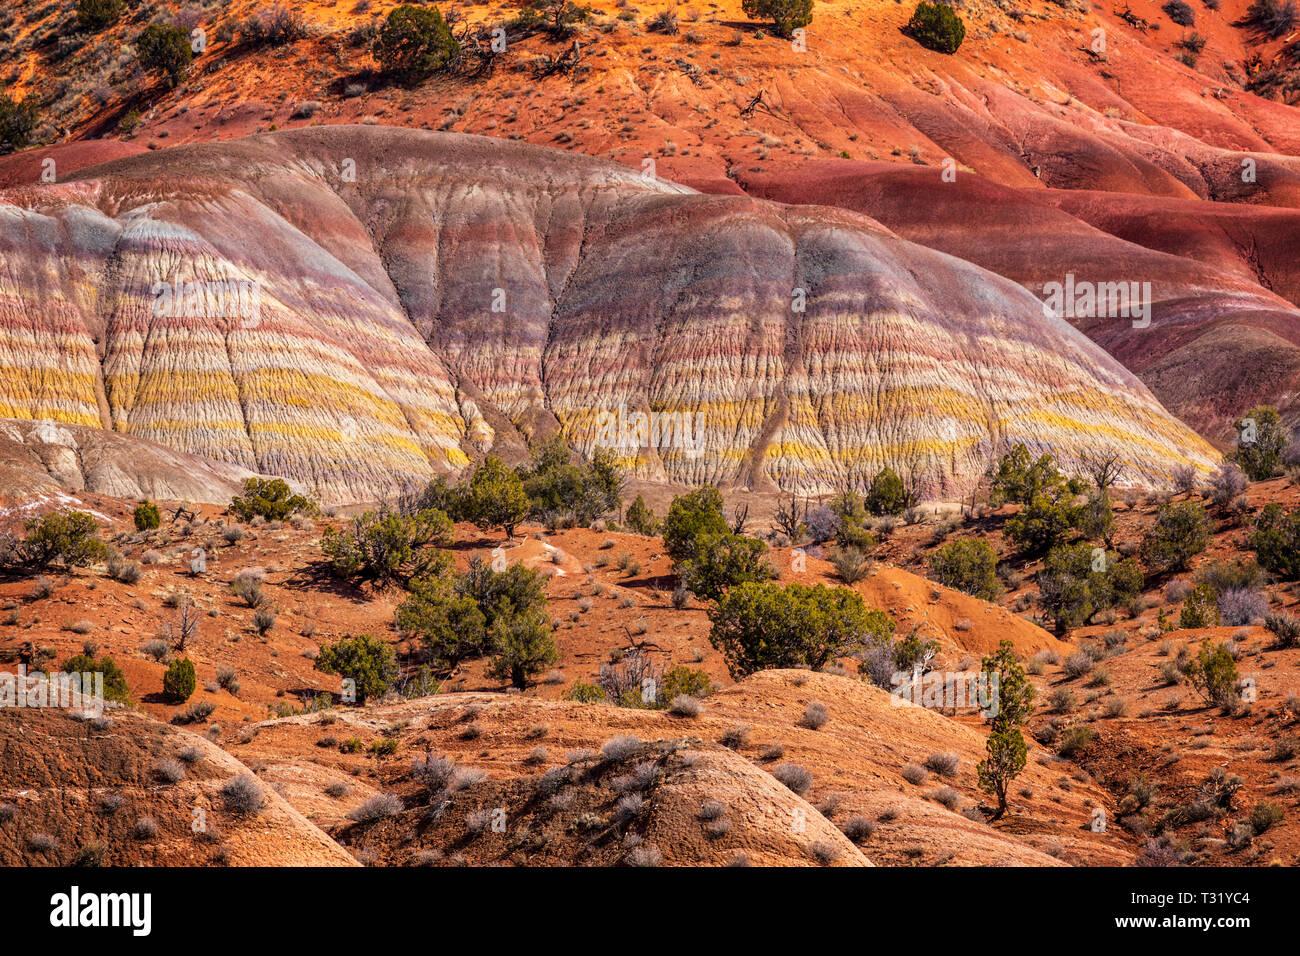 Colorful Canyon of Southwest USA Arizona and Utah Stock Photo